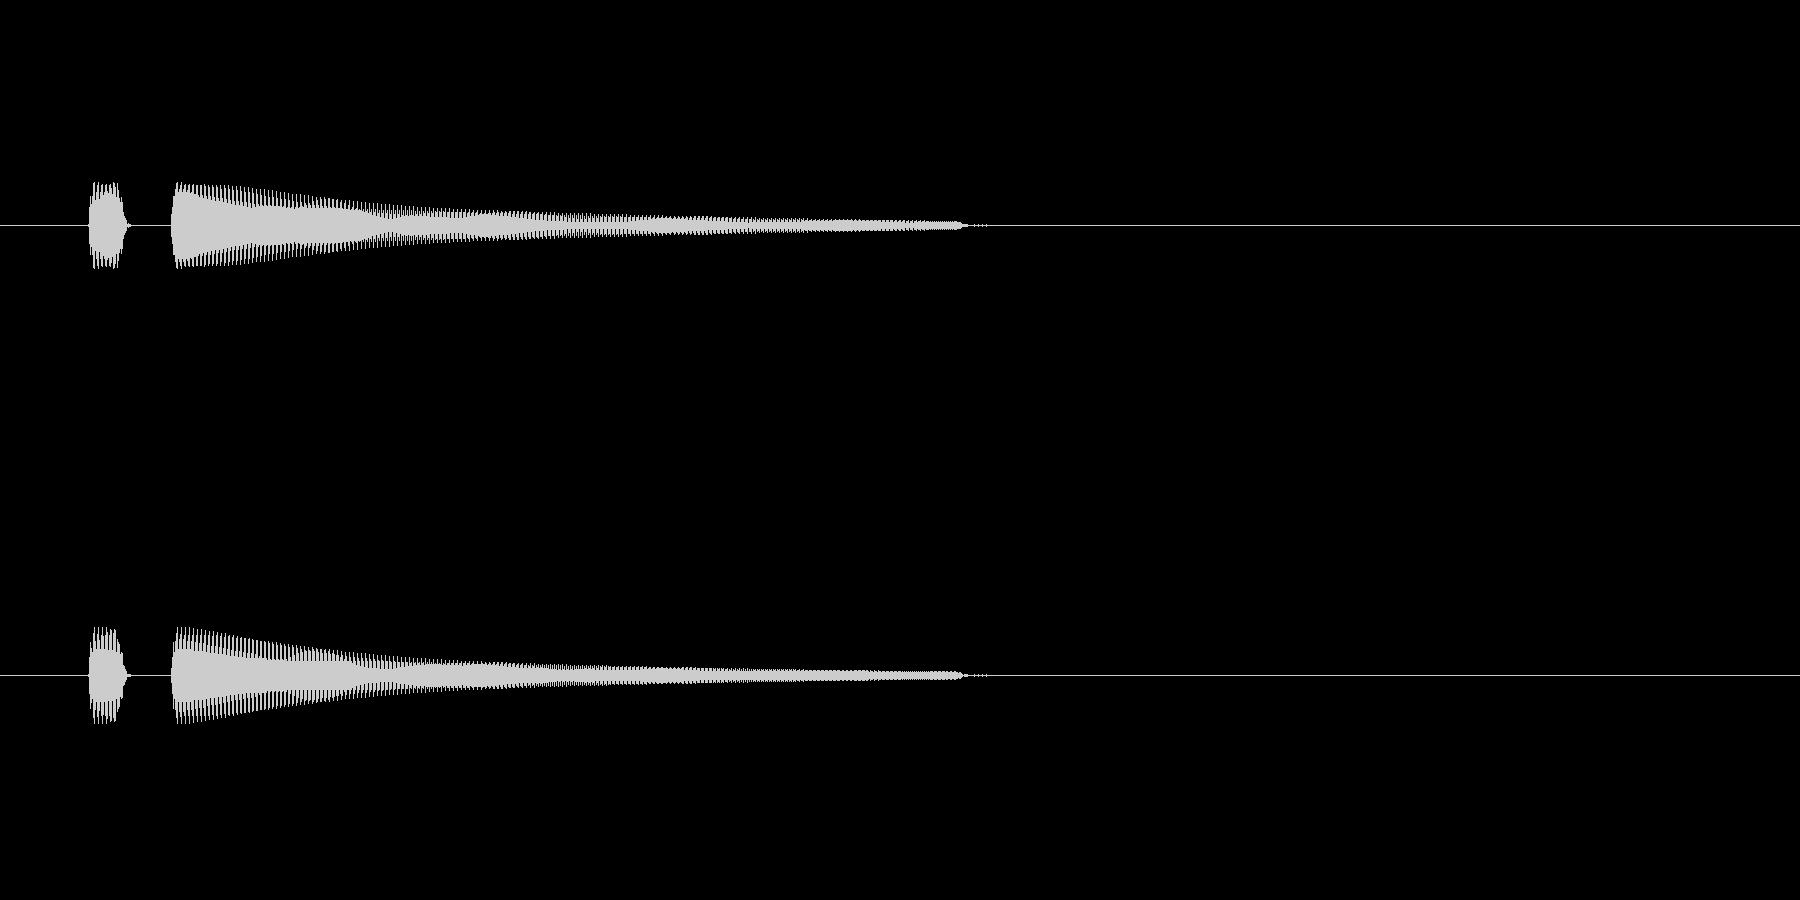 ピン 短いボタン系の音の未再生の波形